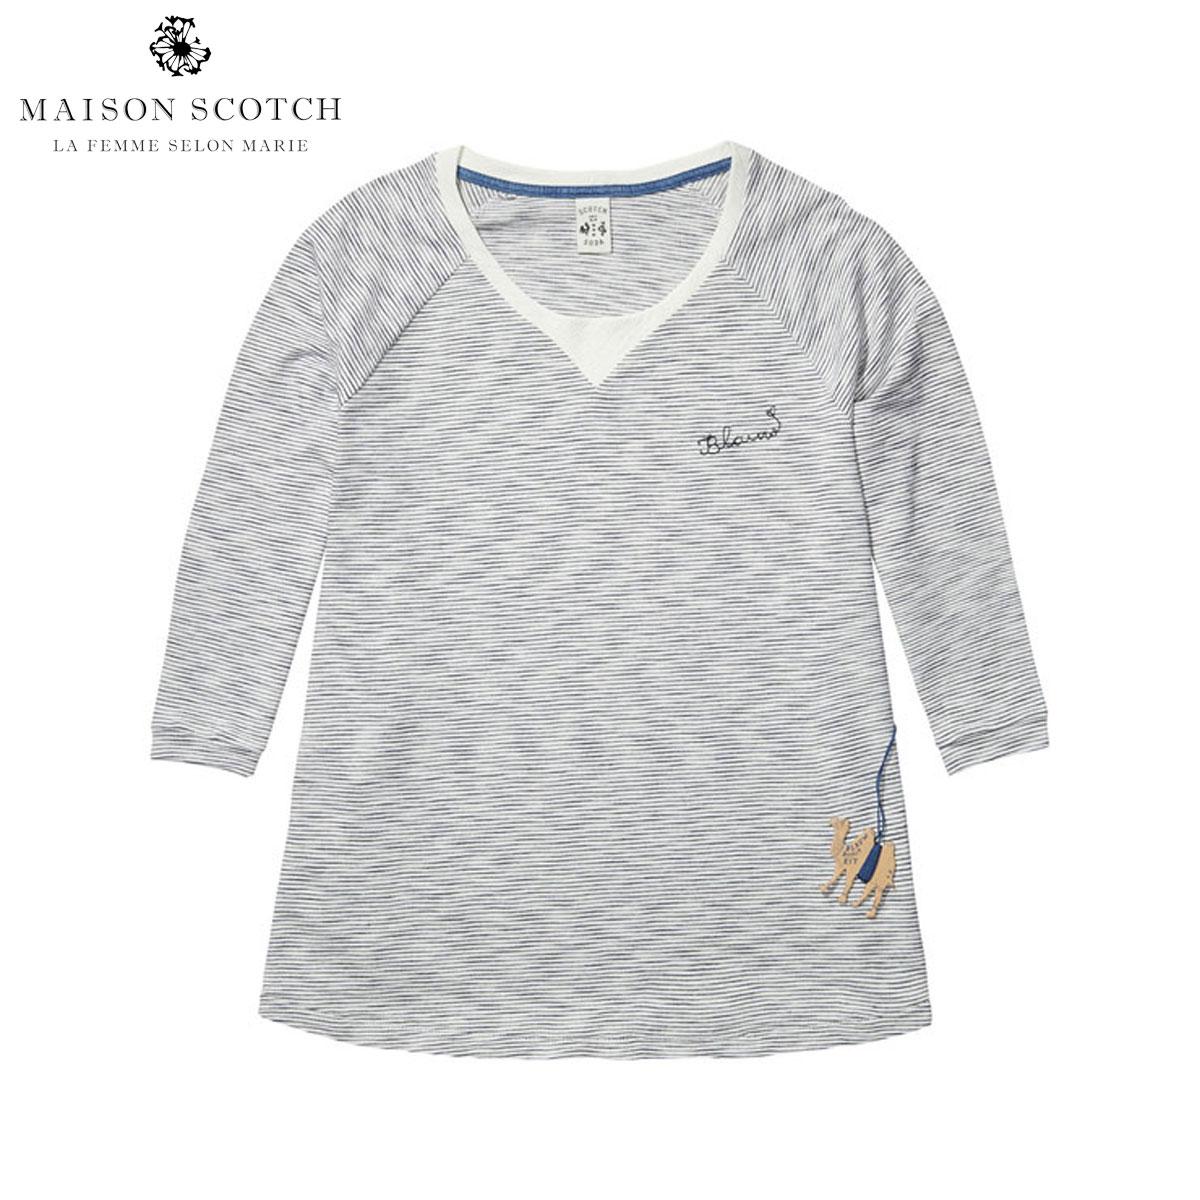 メゾンスコッチ MAISON SCOTCH 正規販売店 レディース 七分袖Tシャツ Striped indigo Tee in A-line fit. 100221 B